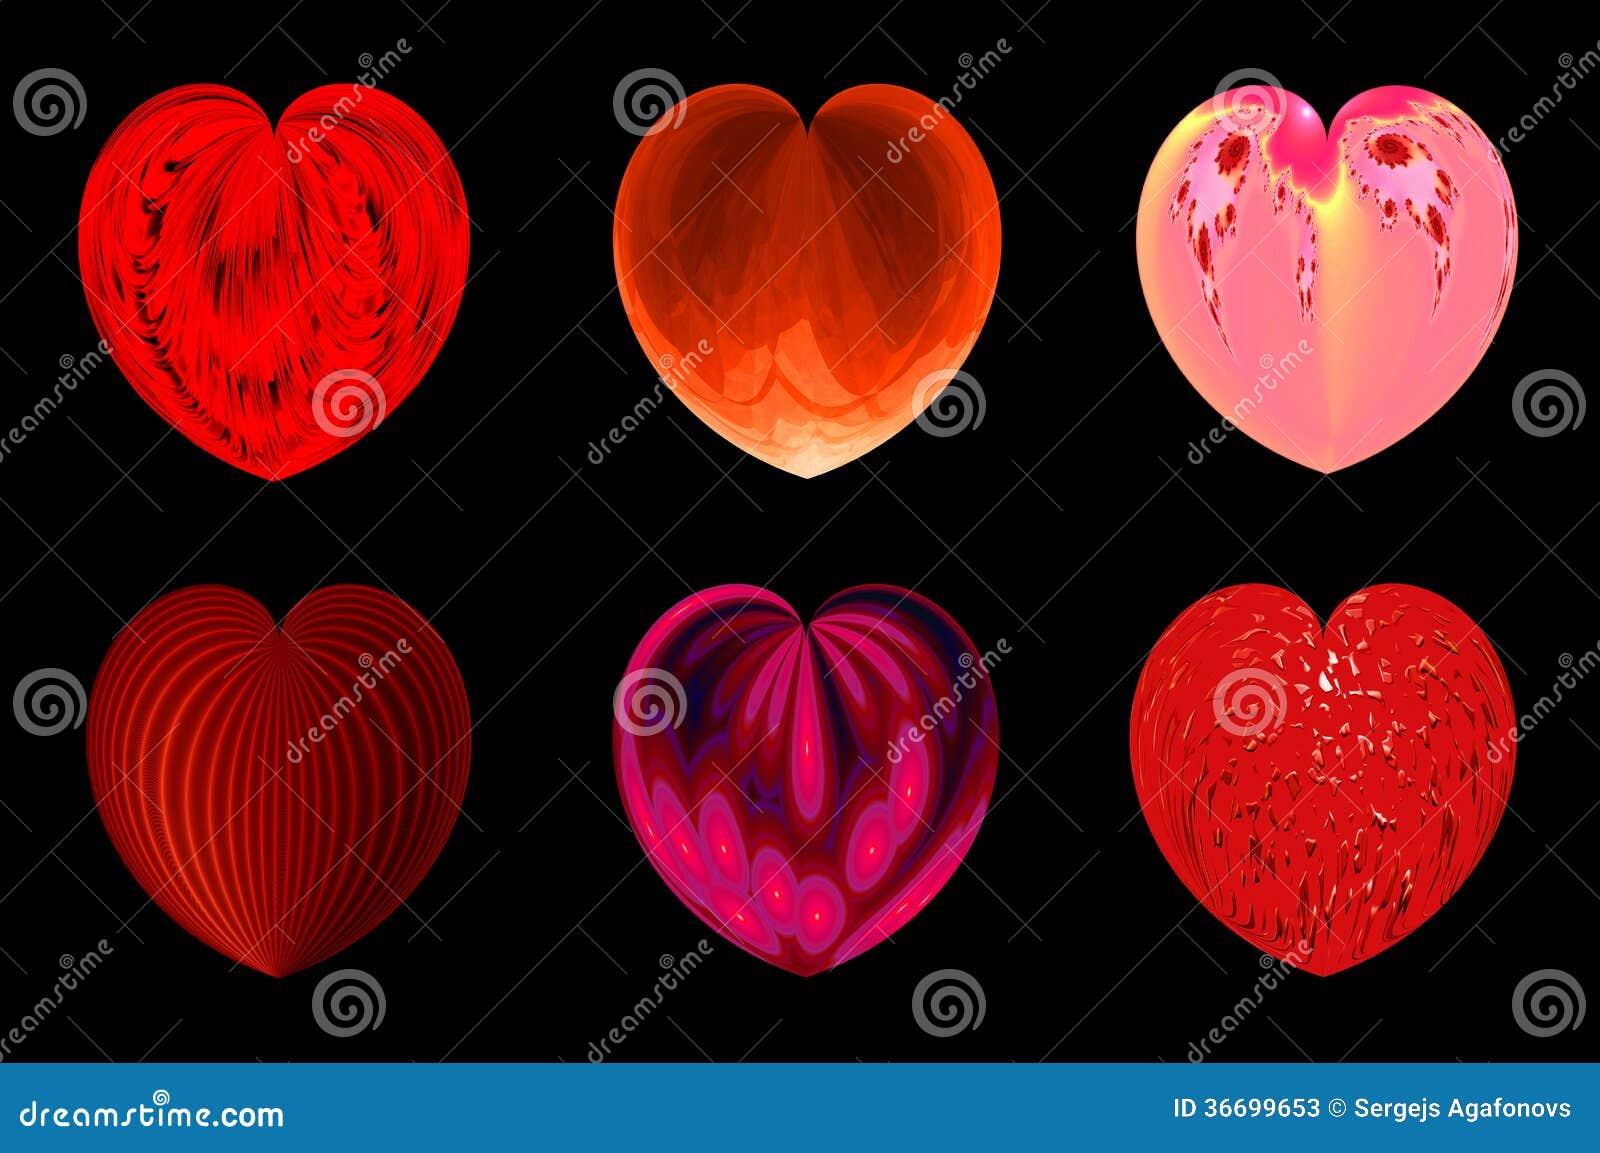 Απομονωμένες καρδιές για το σχέδιό σας. σύνολο 4.